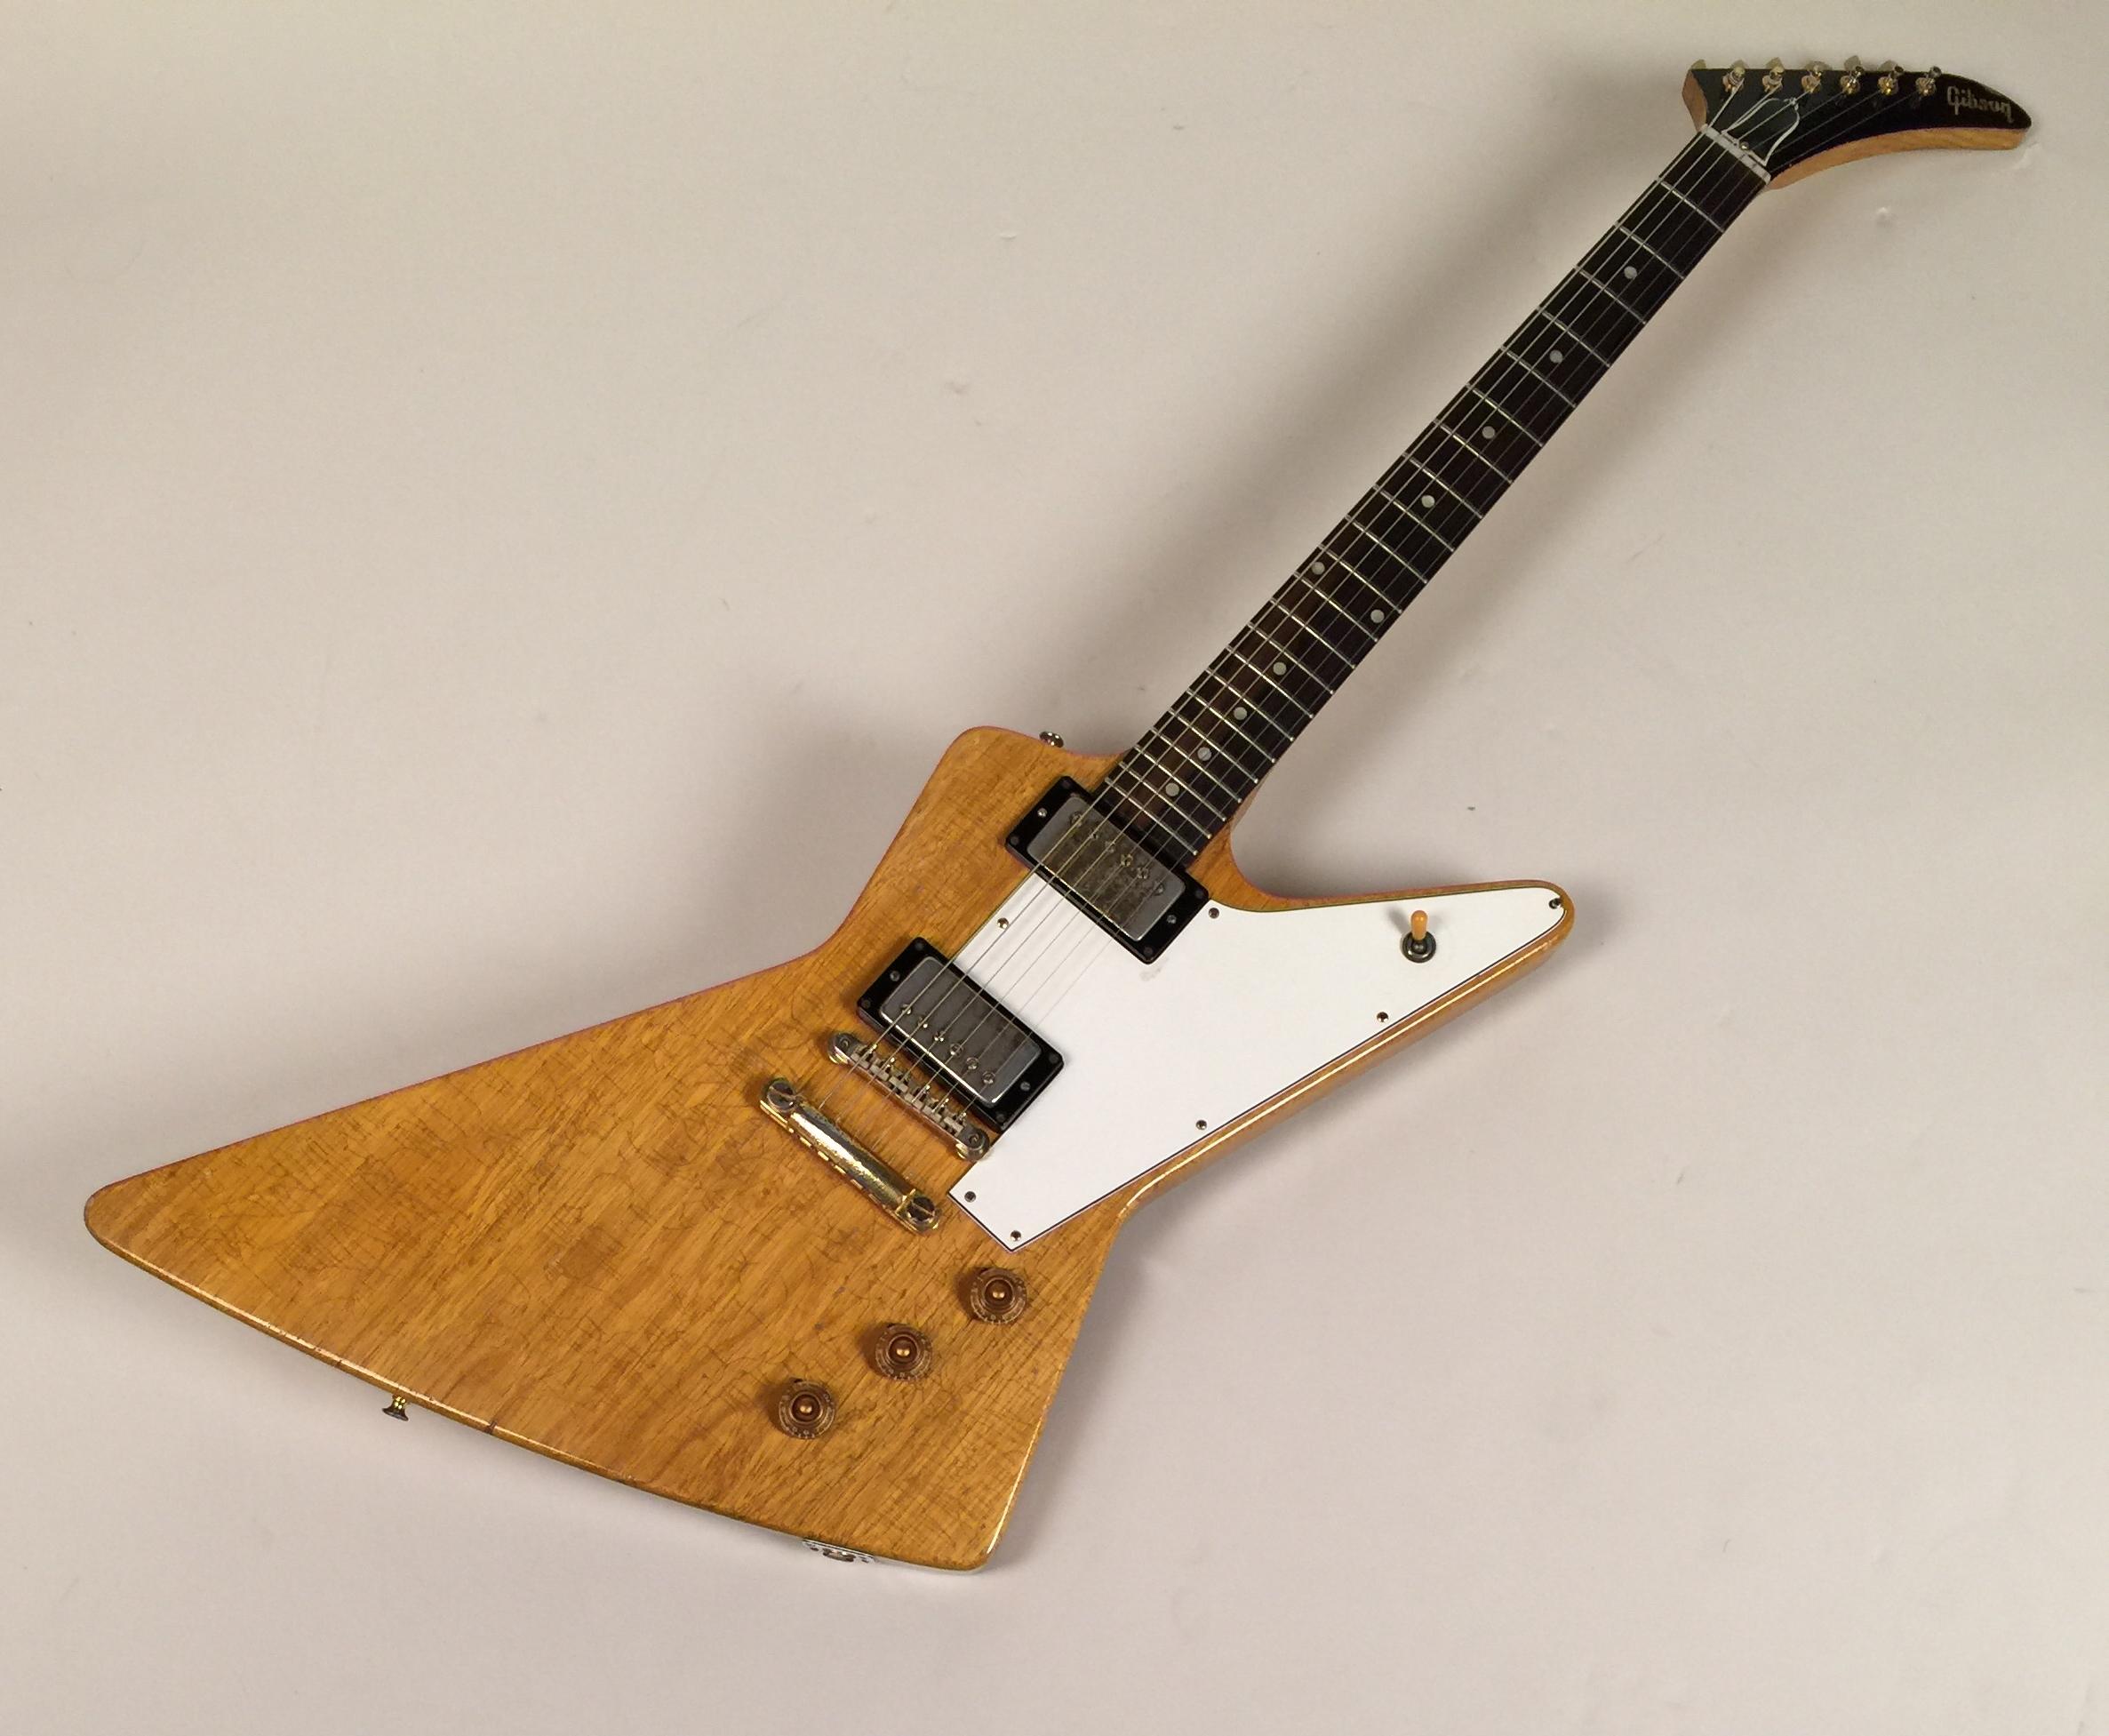 gibson explorer 1960 korina guitar for sale guitars west. Black Bedroom Furniture Sets. Home Design Ideas